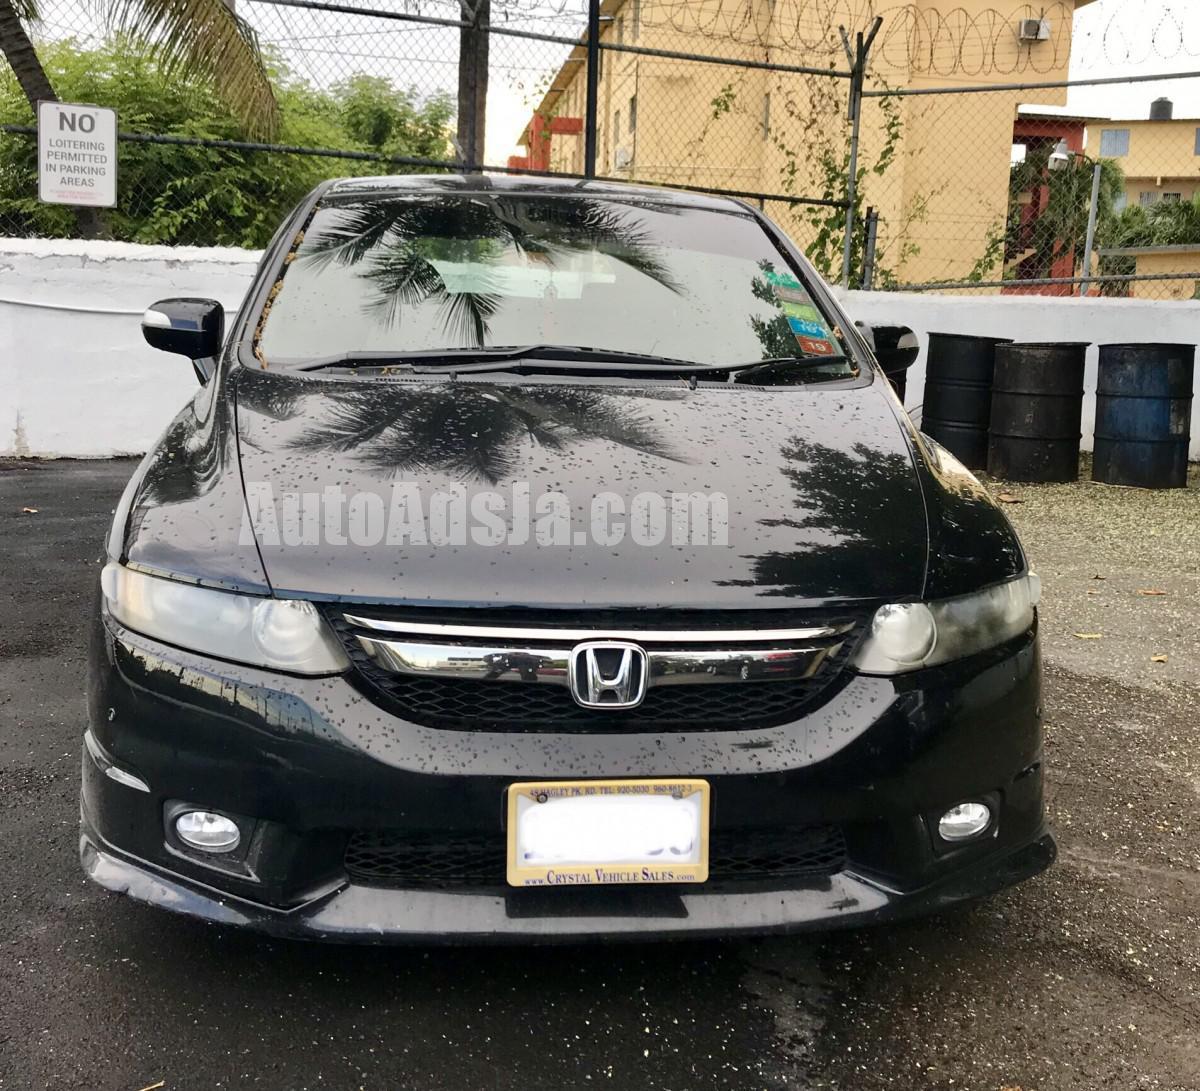 2008 Honda Odyssey For Sale In Kingston / St. Andrew